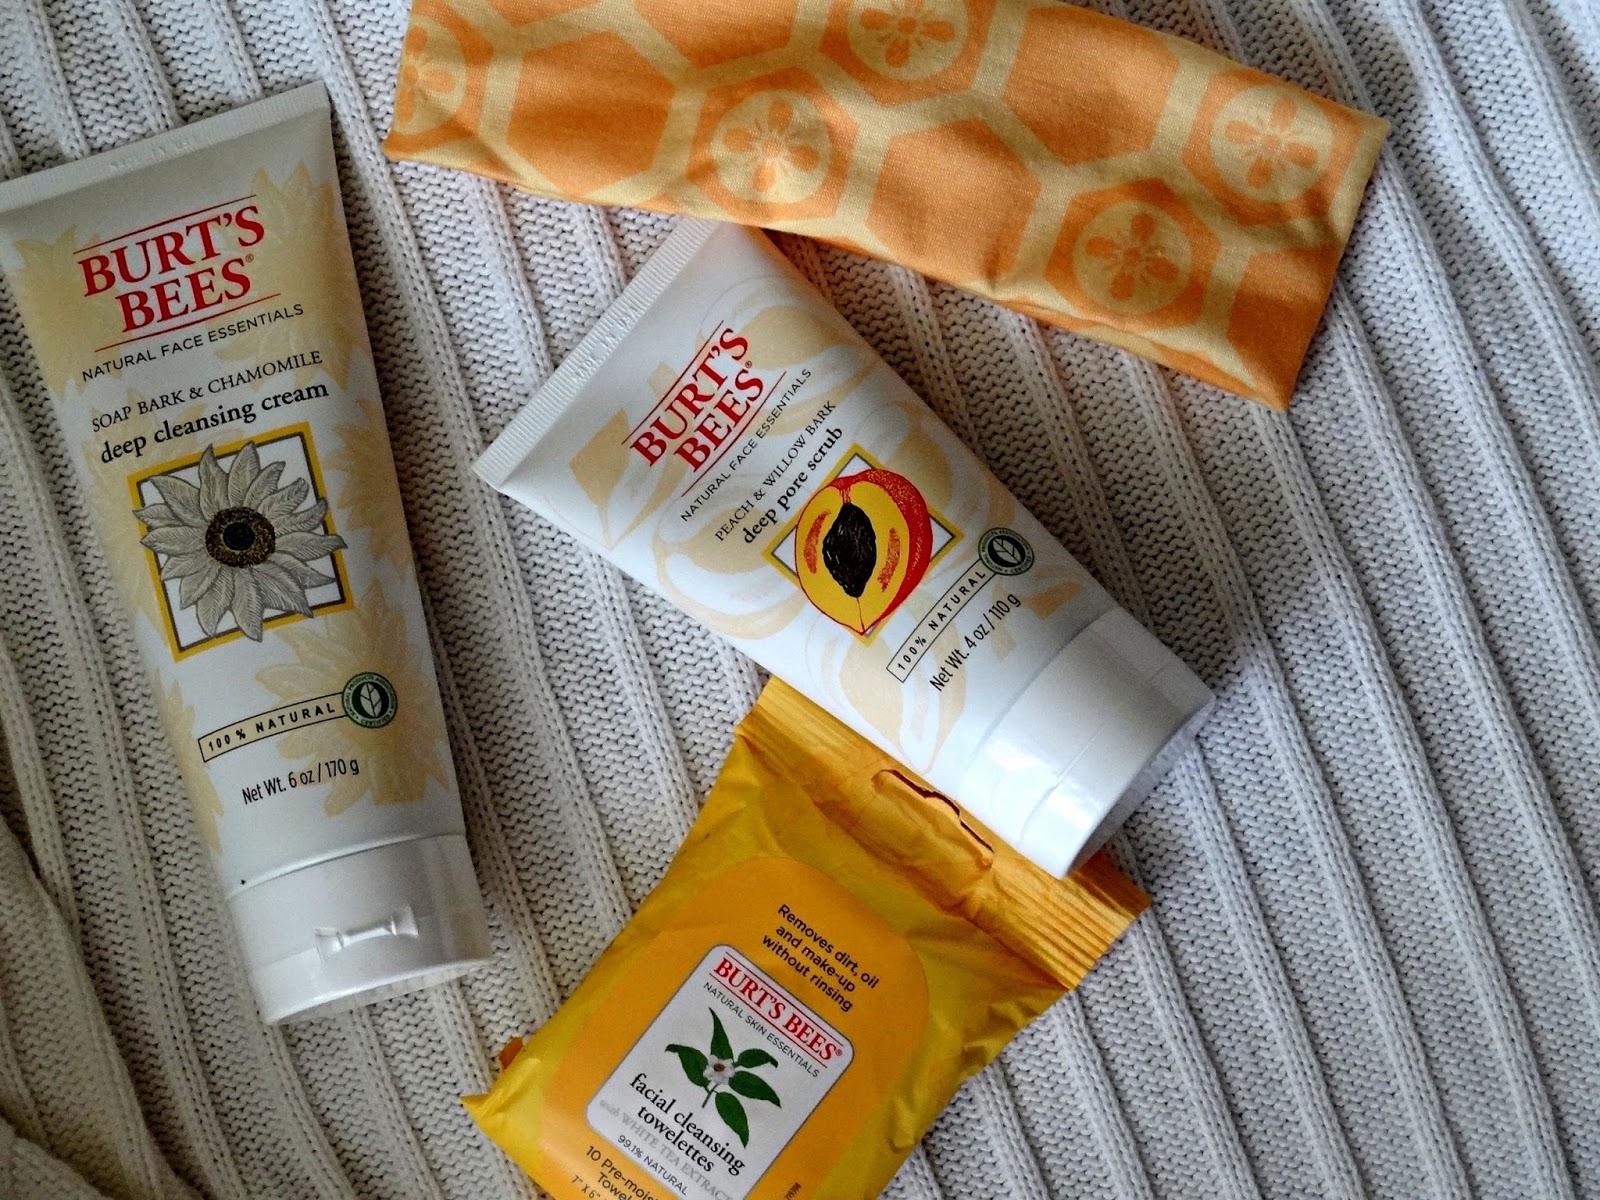 Burt's Bees Face Essential kit